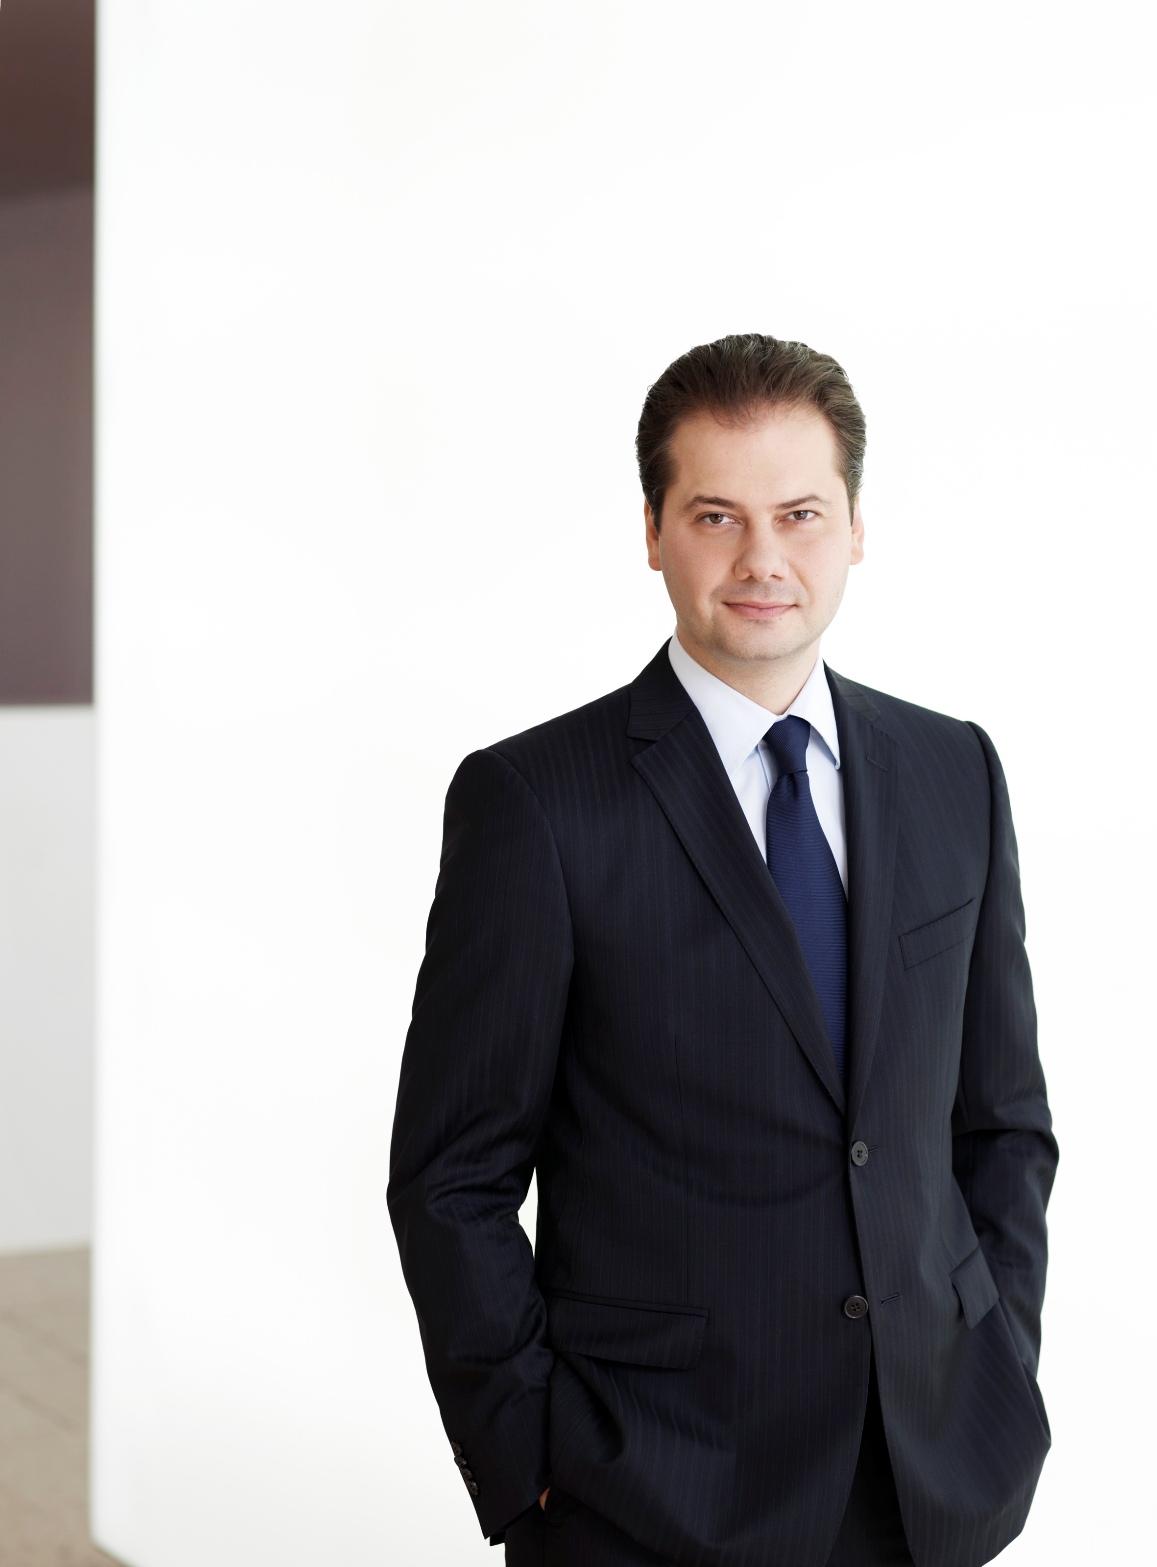 Interview mit Max Hollein, Direktor von Städel, Schirn und Liebieghaus